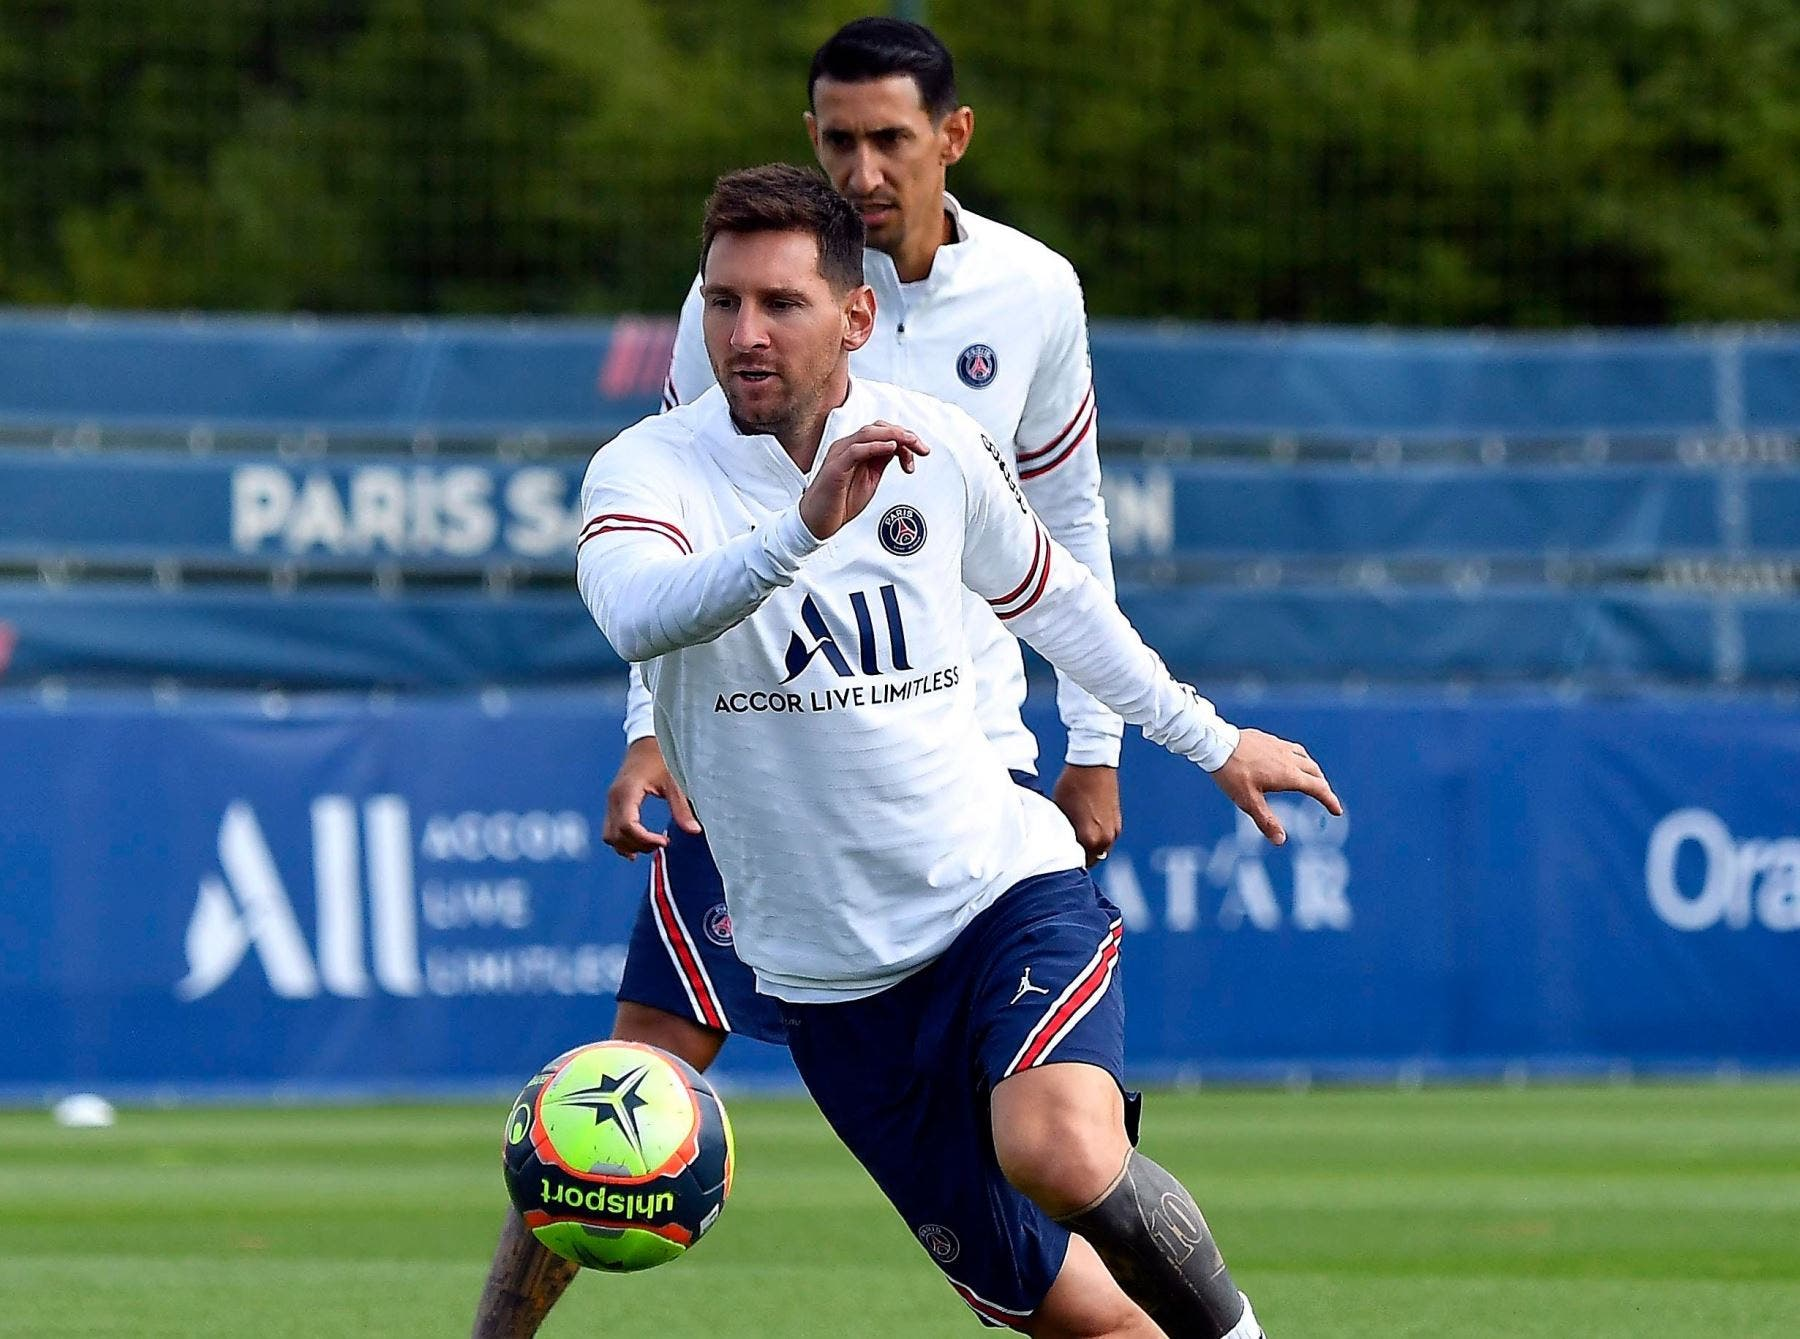 Fútbol.- Messi debuta y Mbappé sigue marcando para el PSG